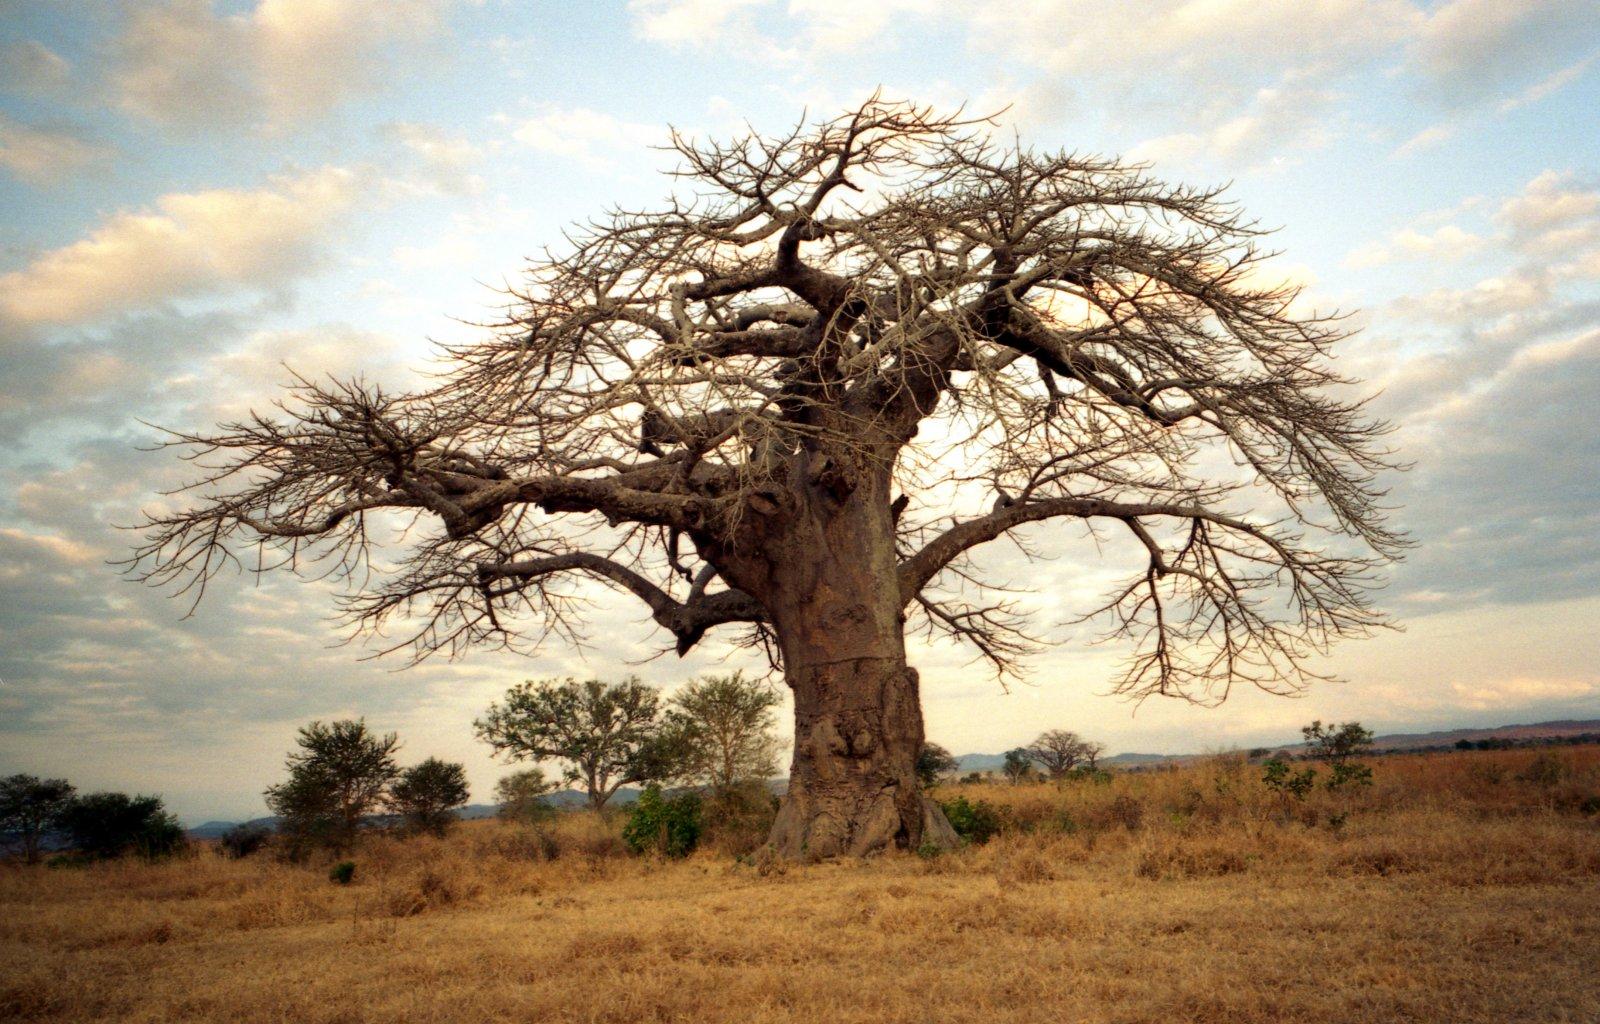 06_baobab__www-freeimages-com